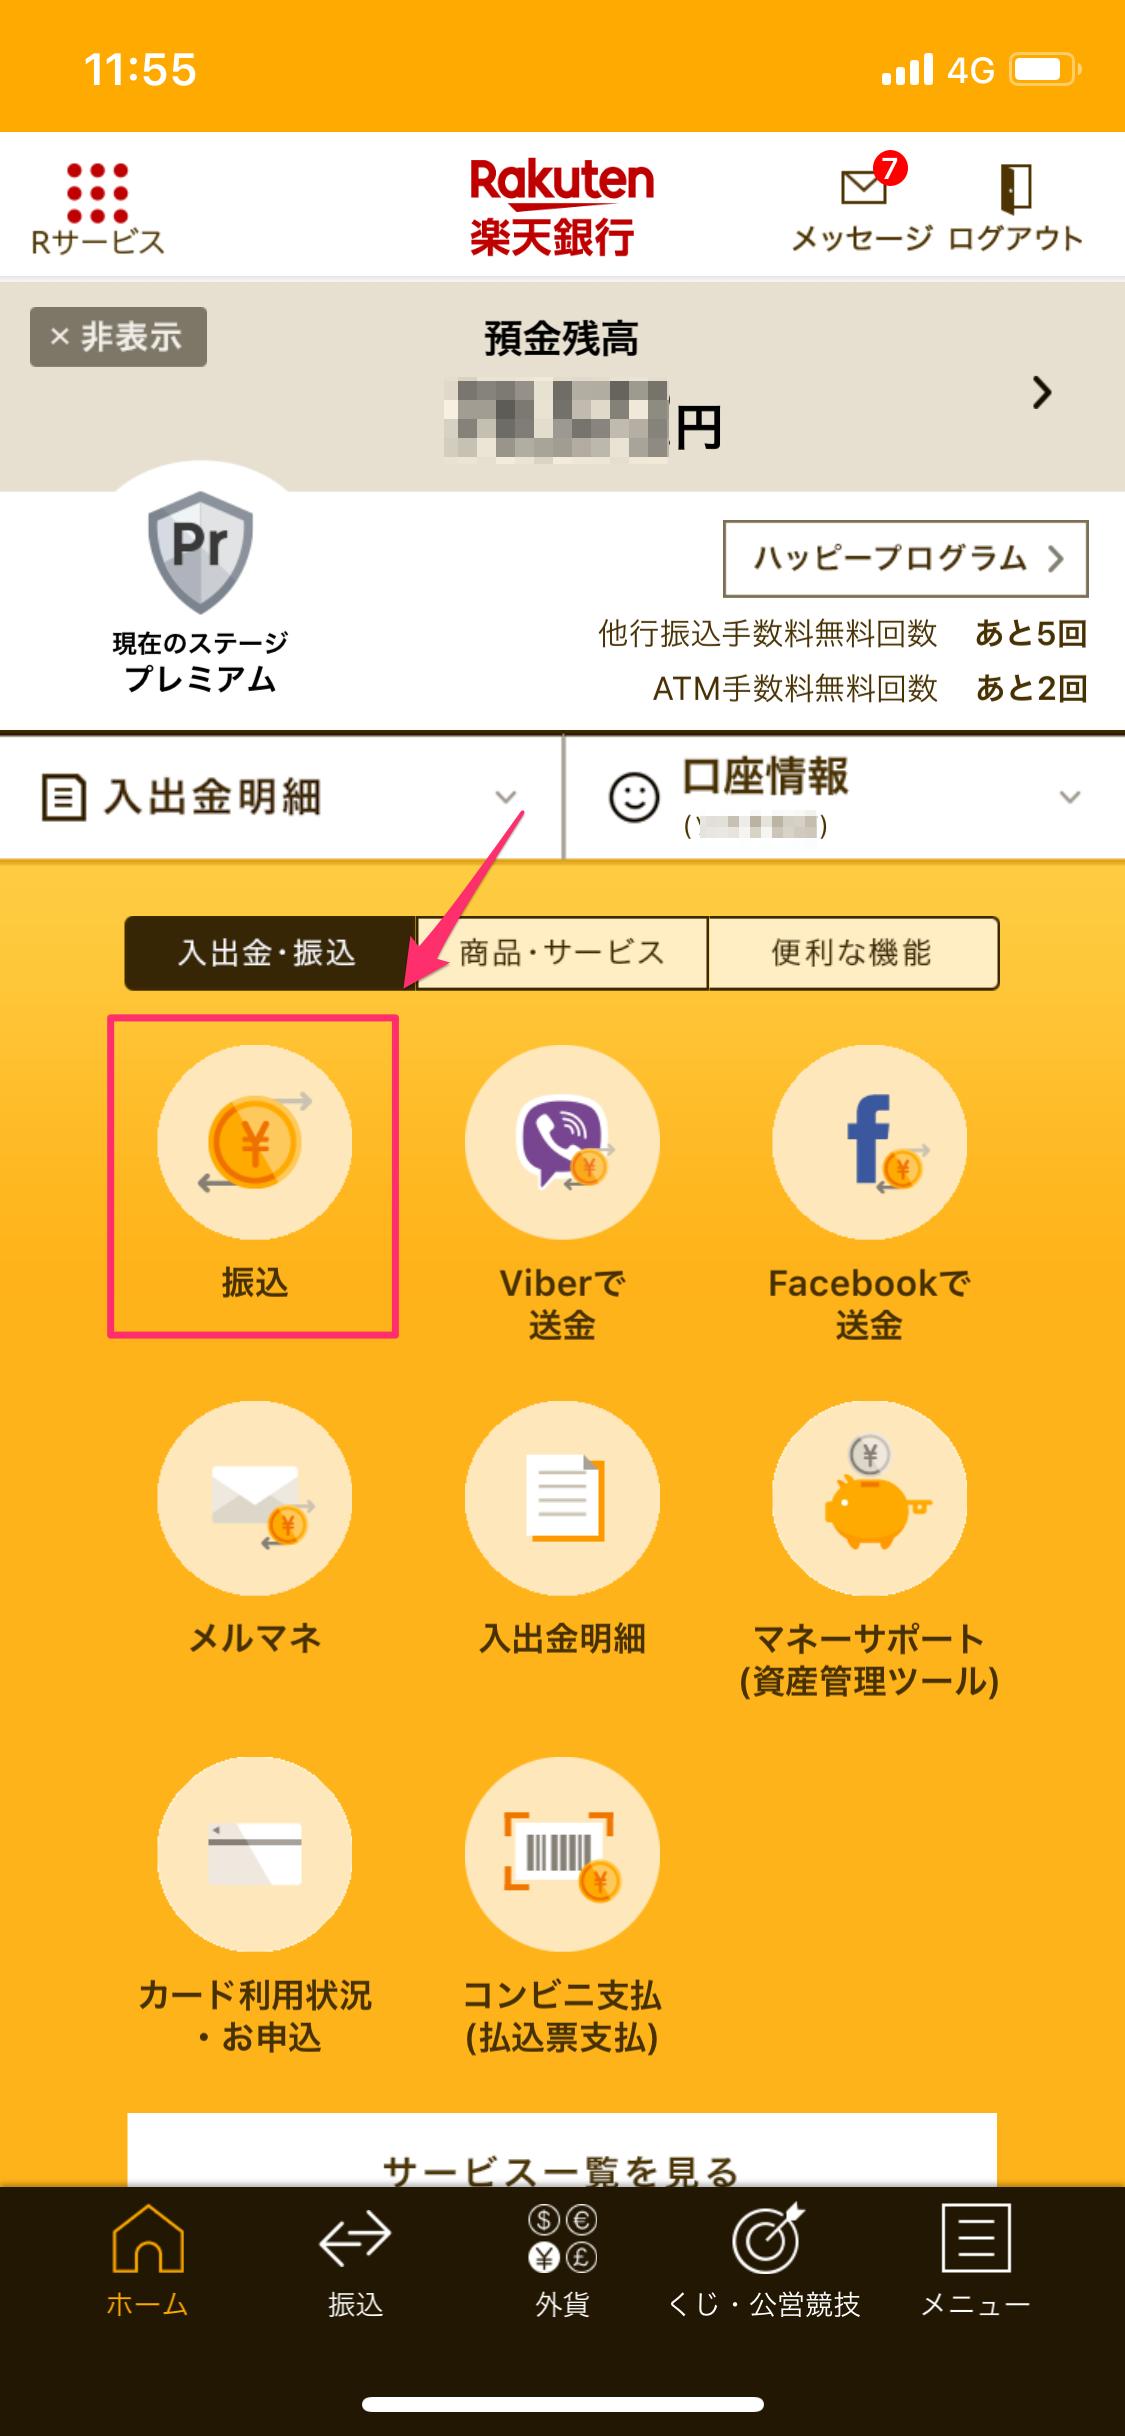 楽天銀行アプリトップ画面